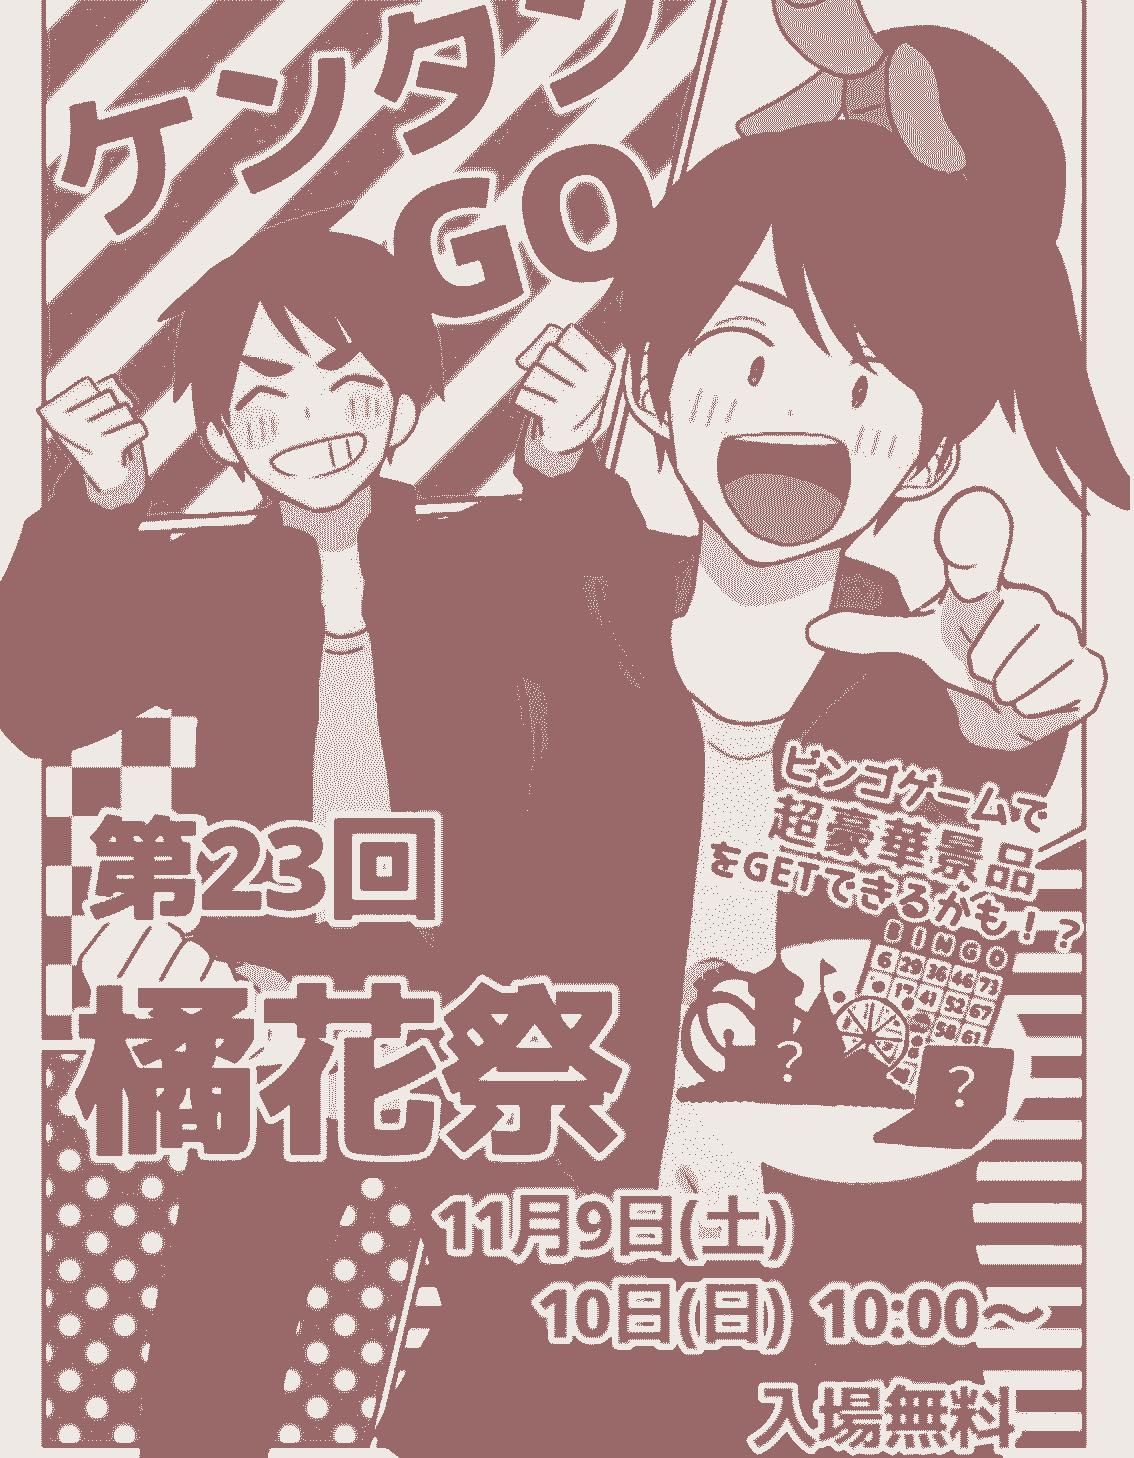 静岡県立大学短期大学部 橘花祭